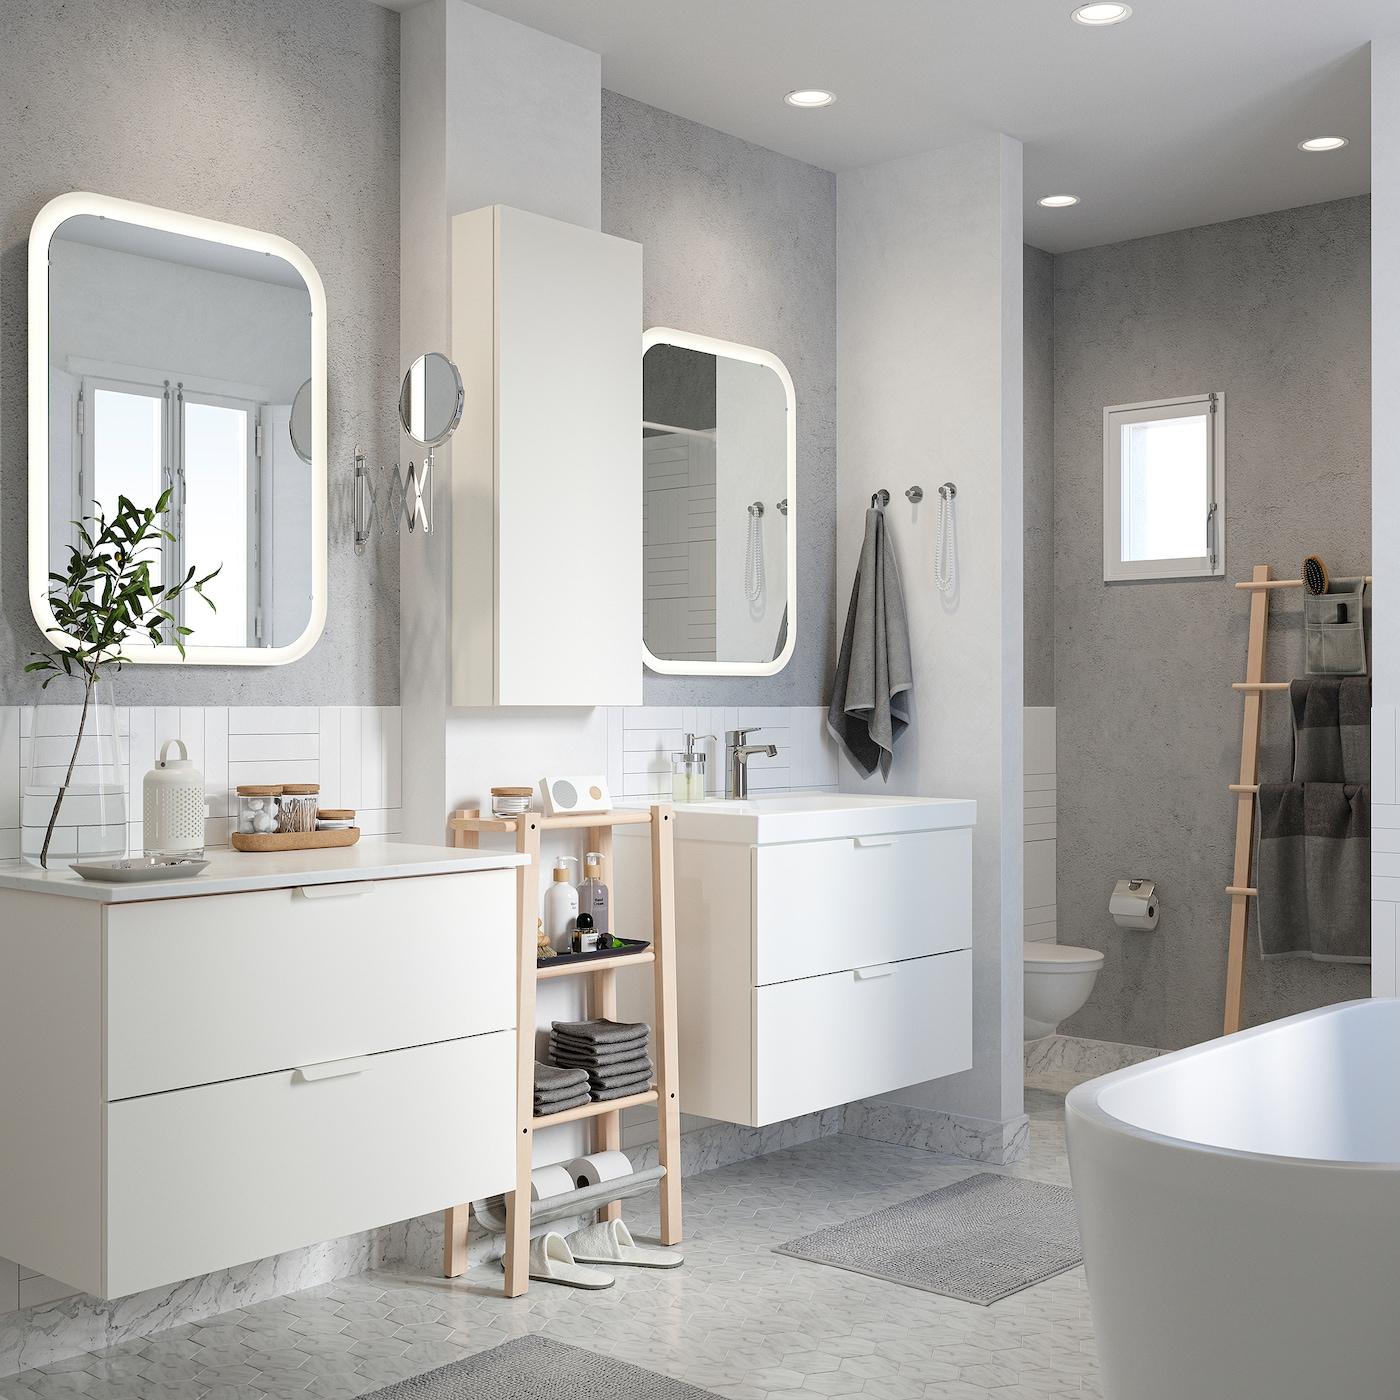 Une salle de bains élégante et apaisante - IKEA CA